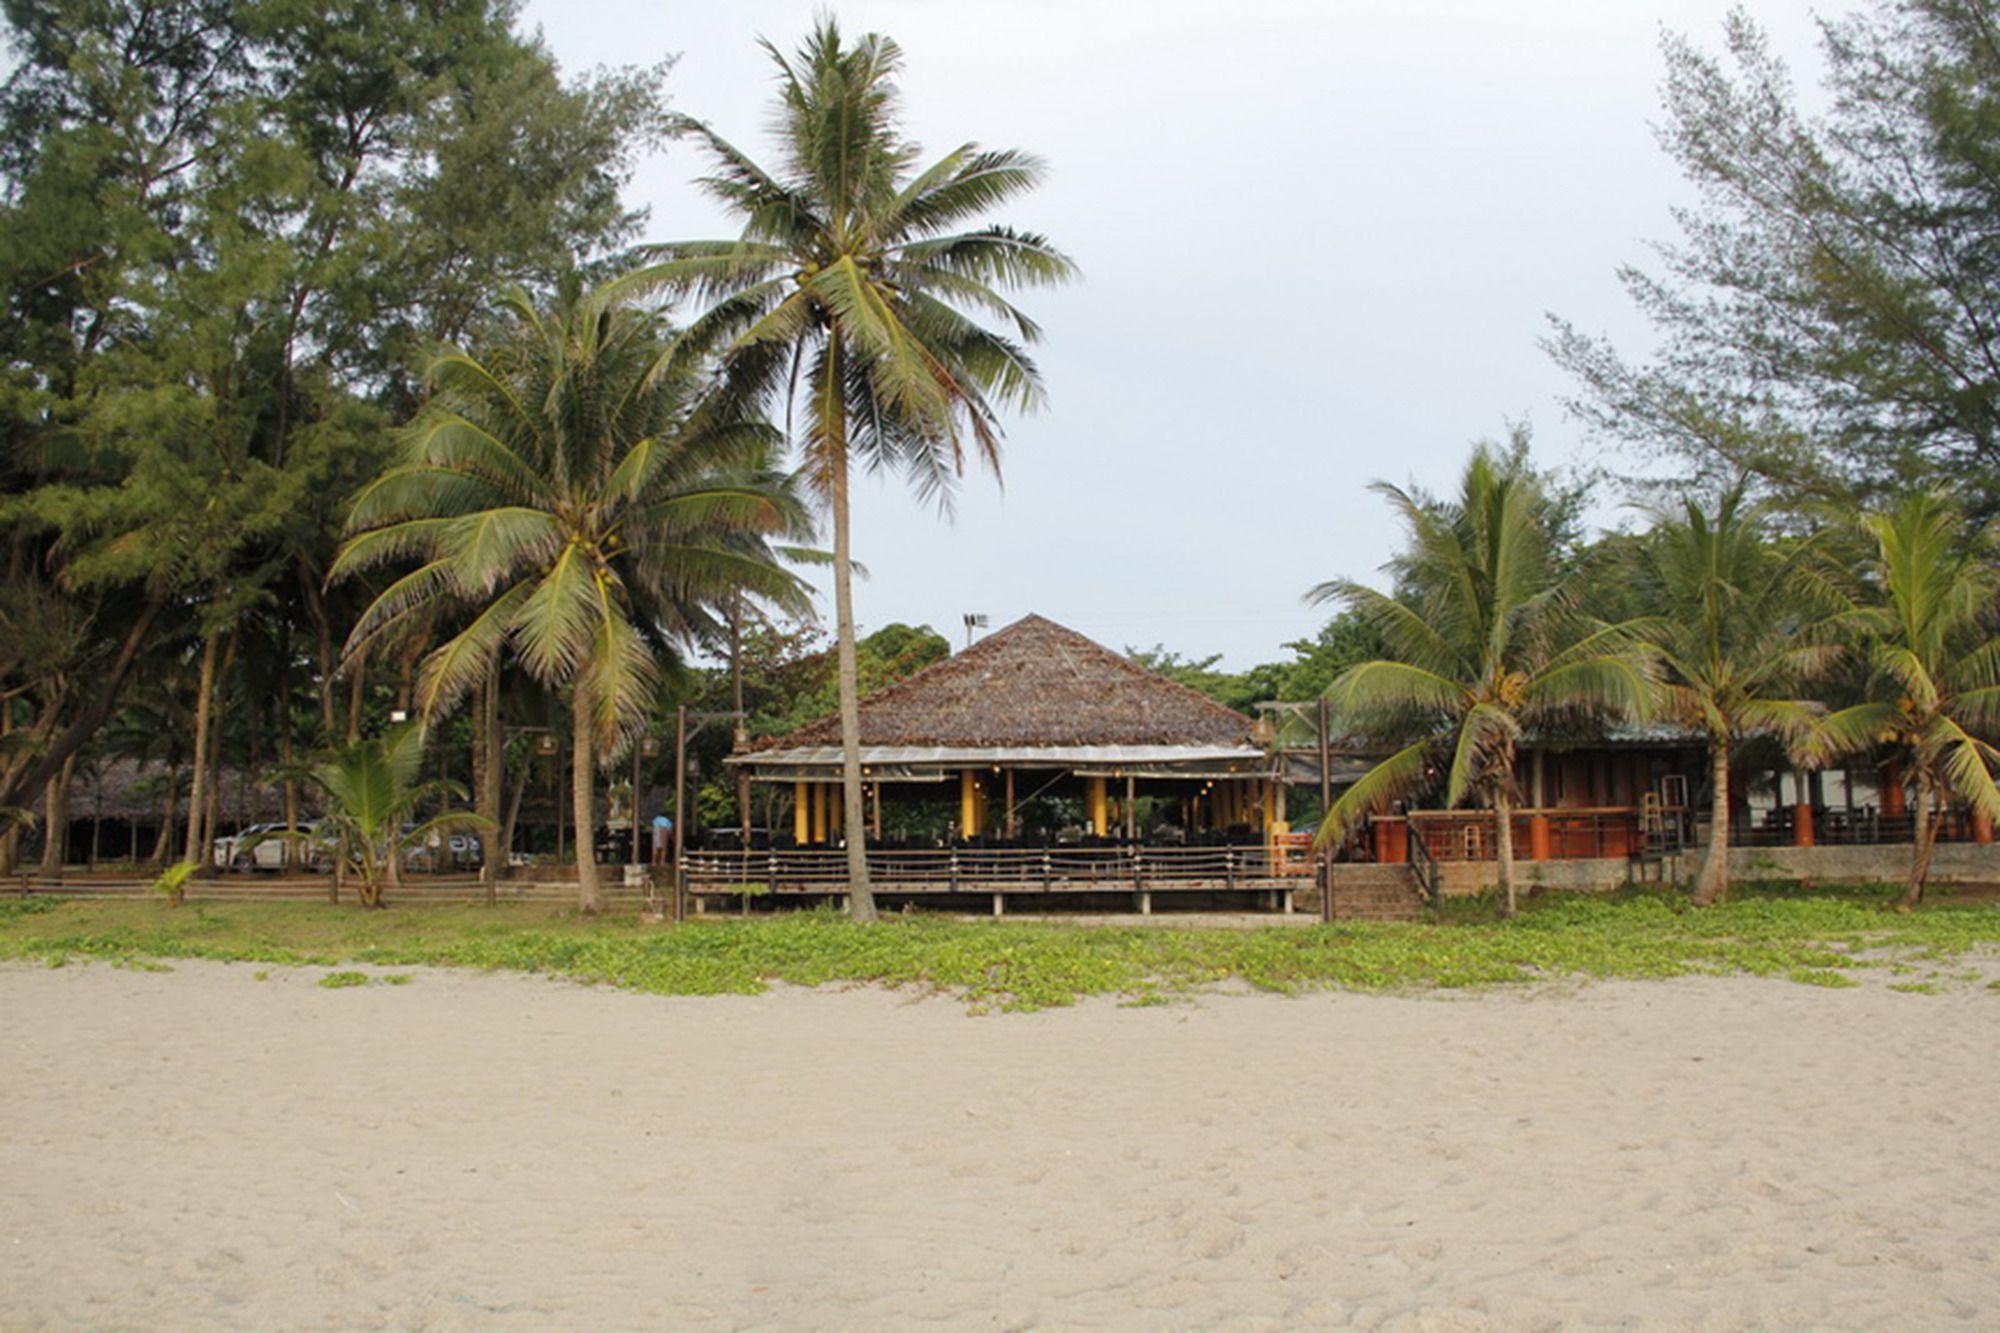 Gallery image of Chumphon Cabana